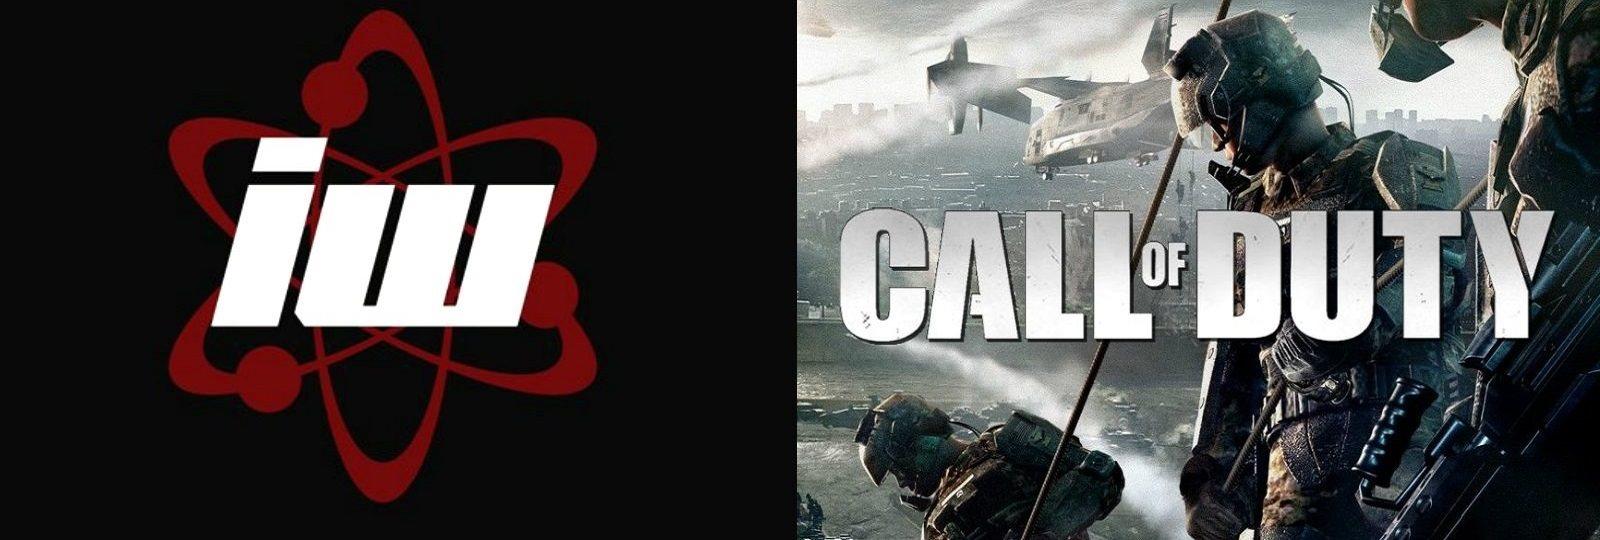 Infinity Ward, Call of Duty; logo